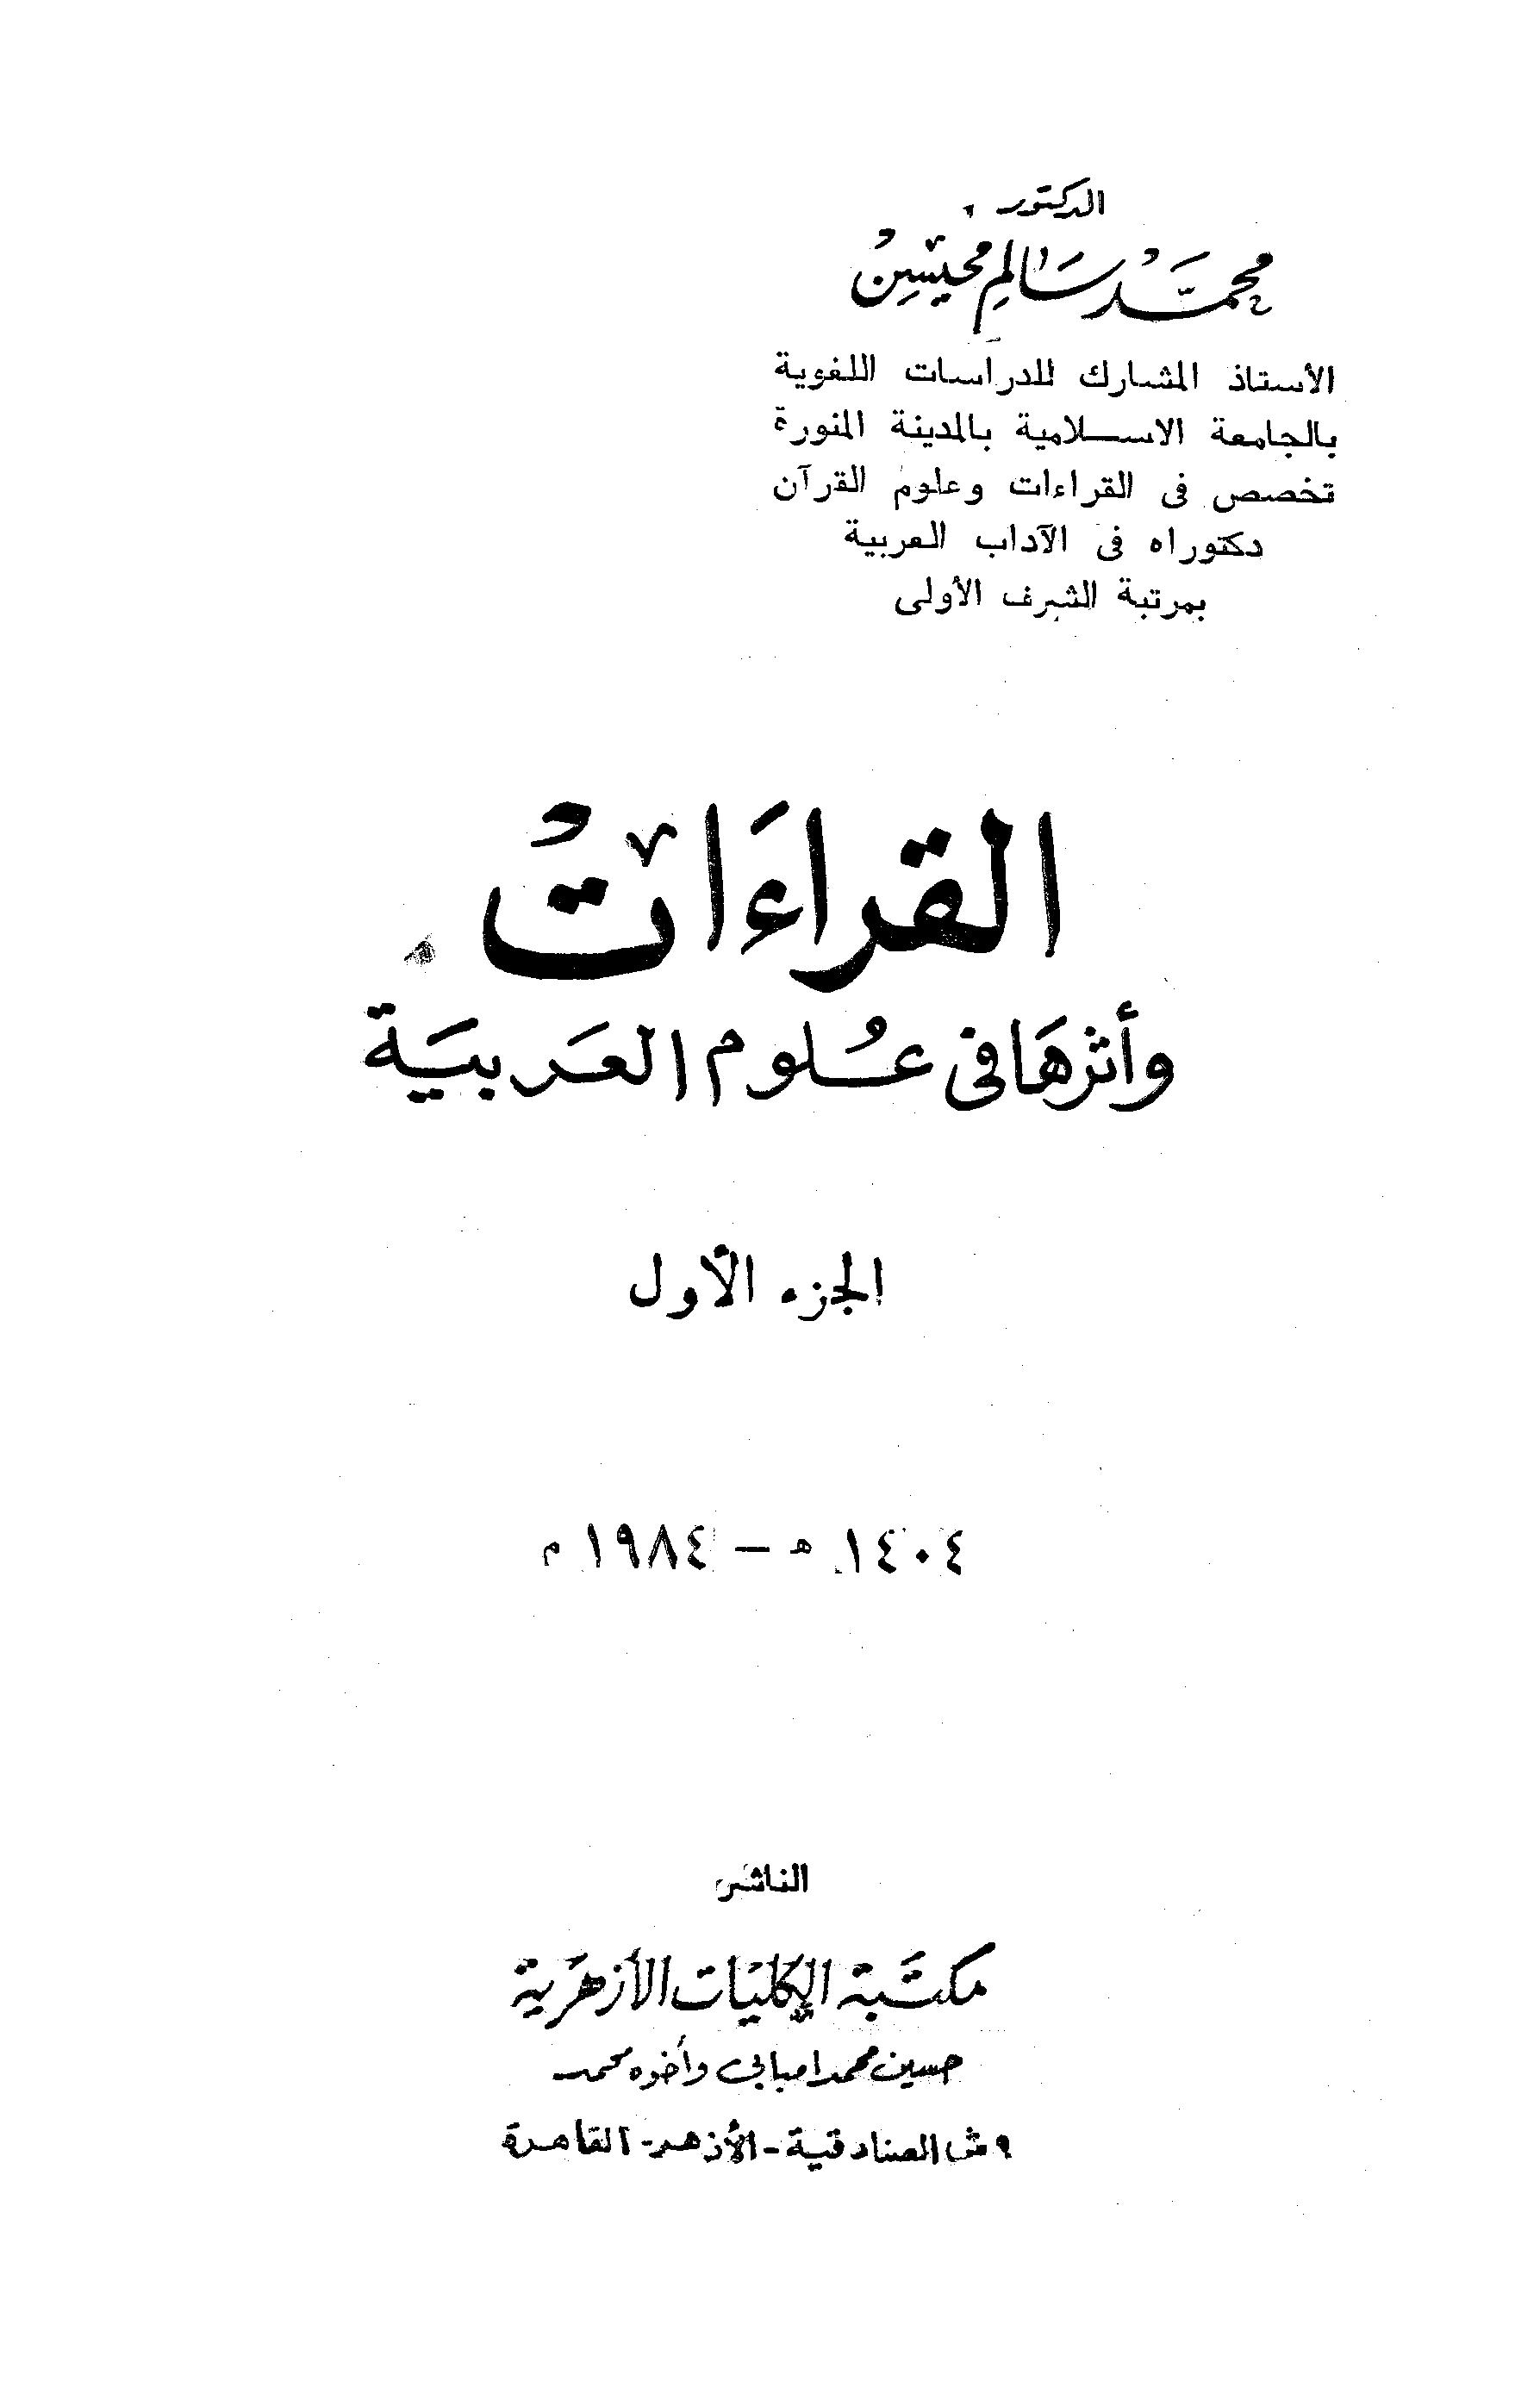 تحميل كتاب القراءات وأثرها في علوم العربية لـِ: الدكتور محمد محمد محمد سالم محيسن (ت 1422)